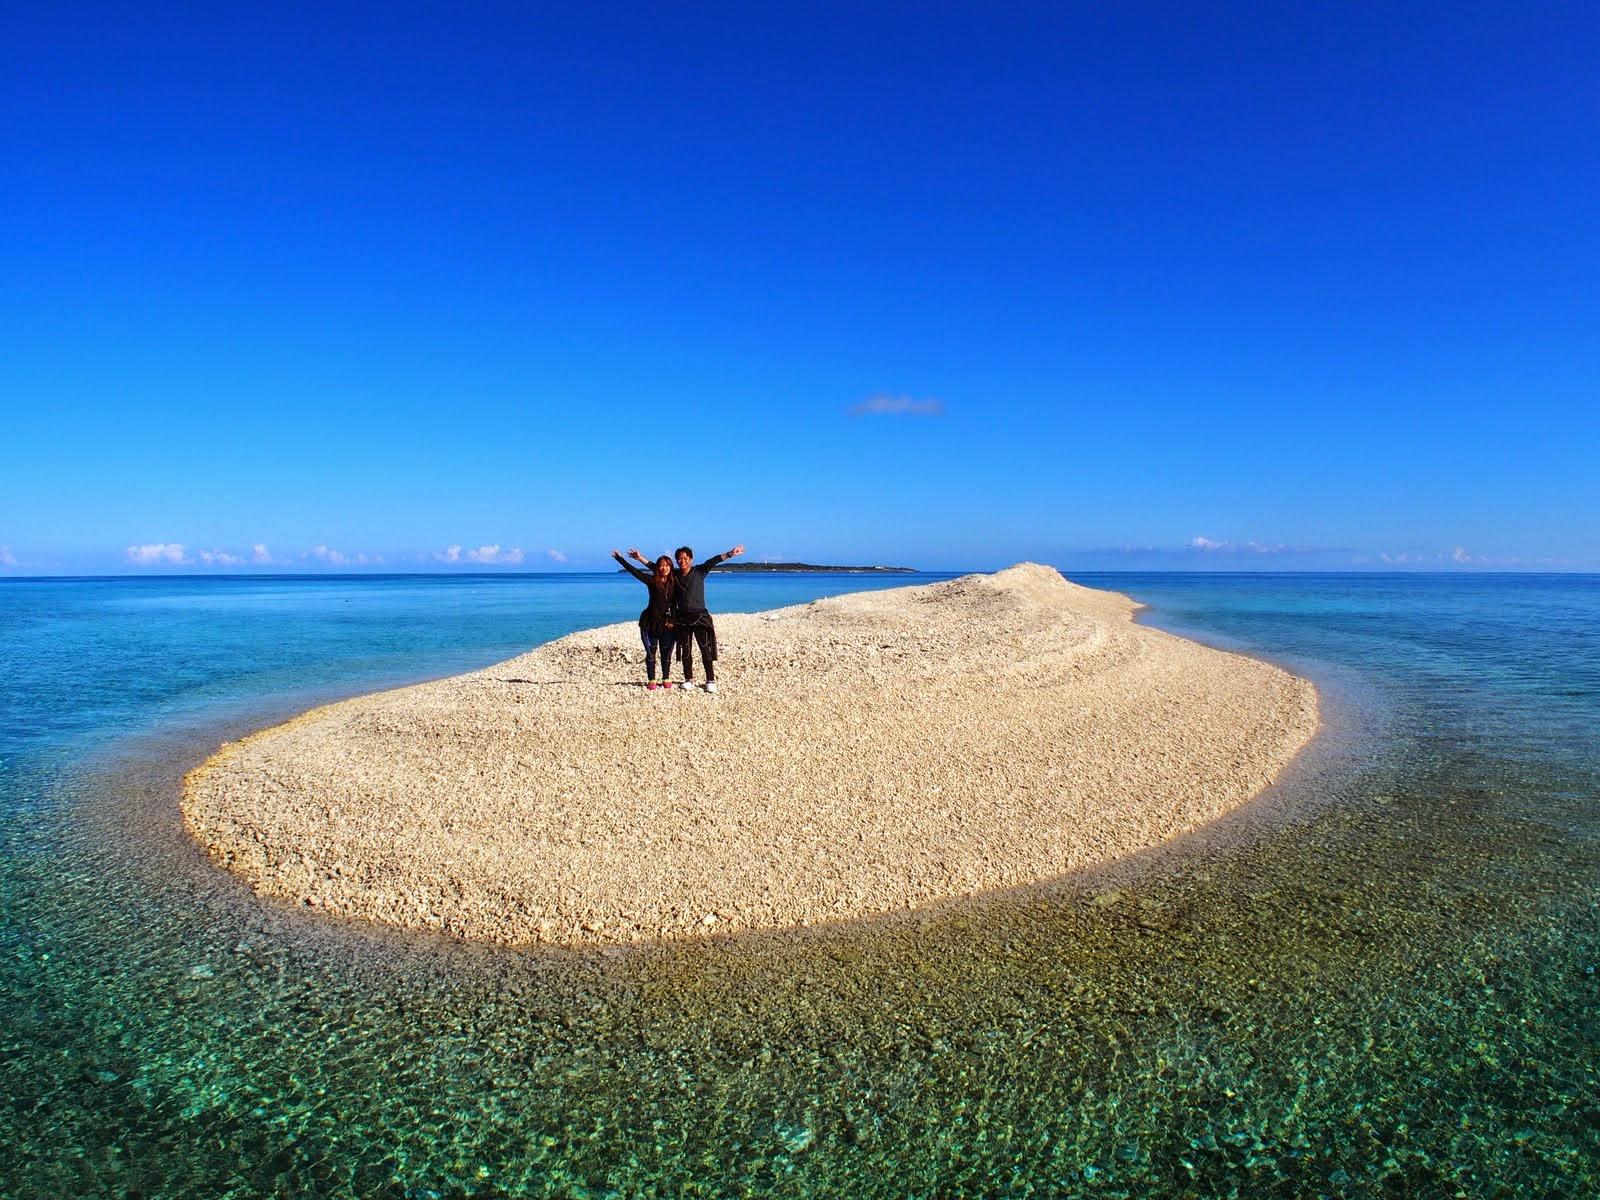 西表付近のバラス島で記念撮影